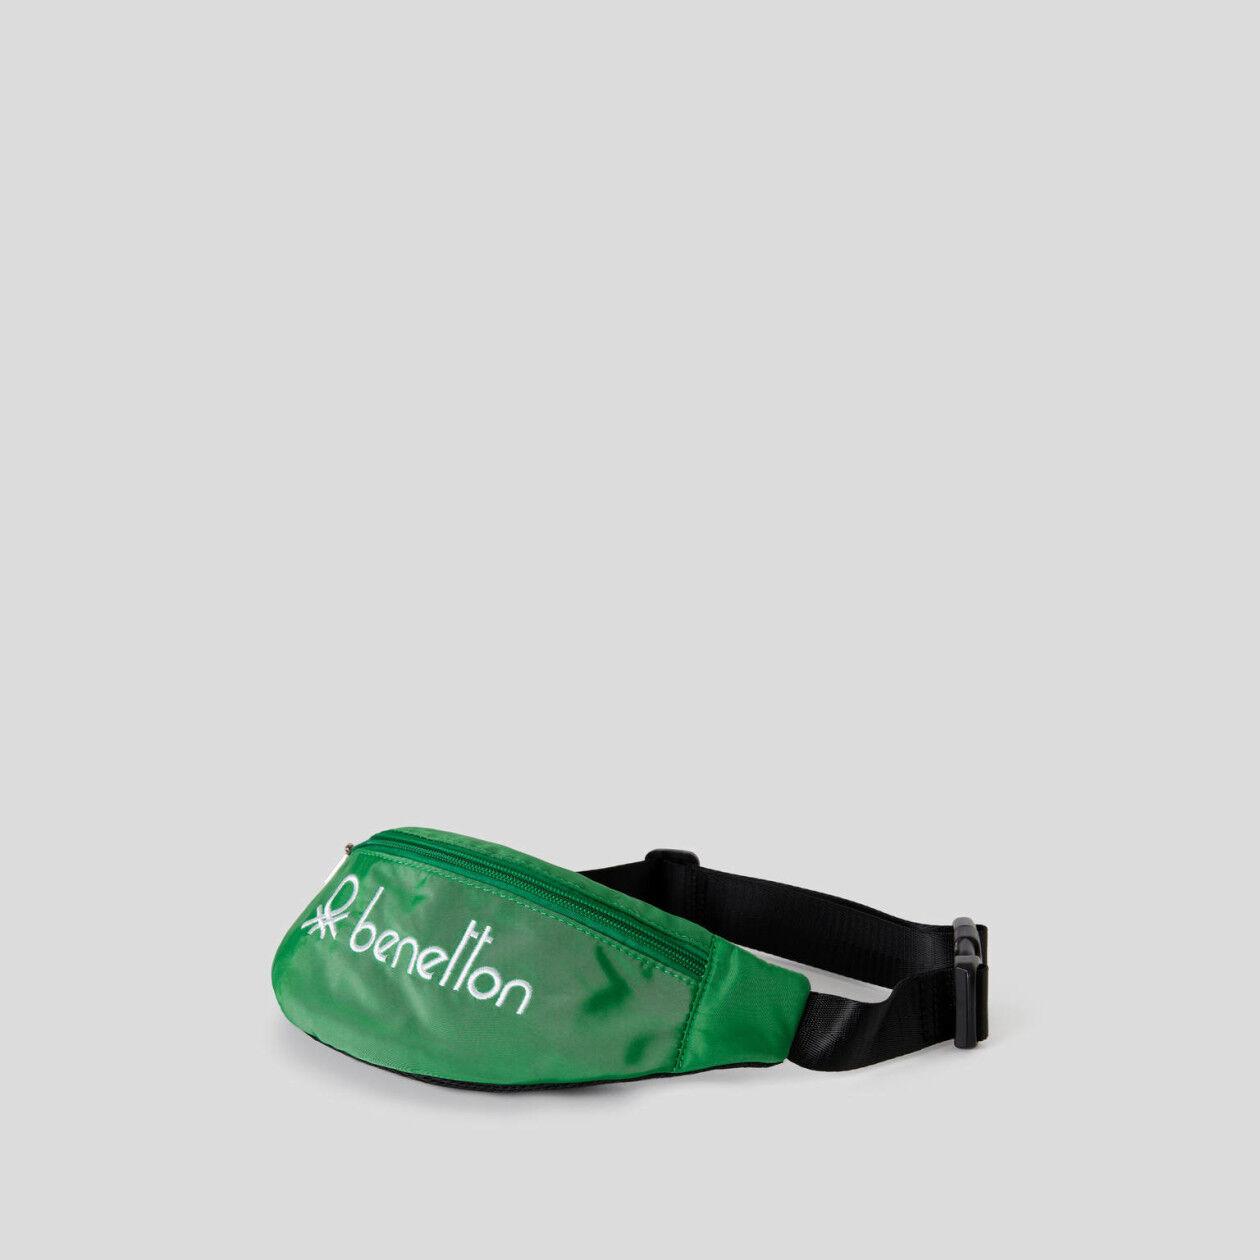 Bum bag with logo